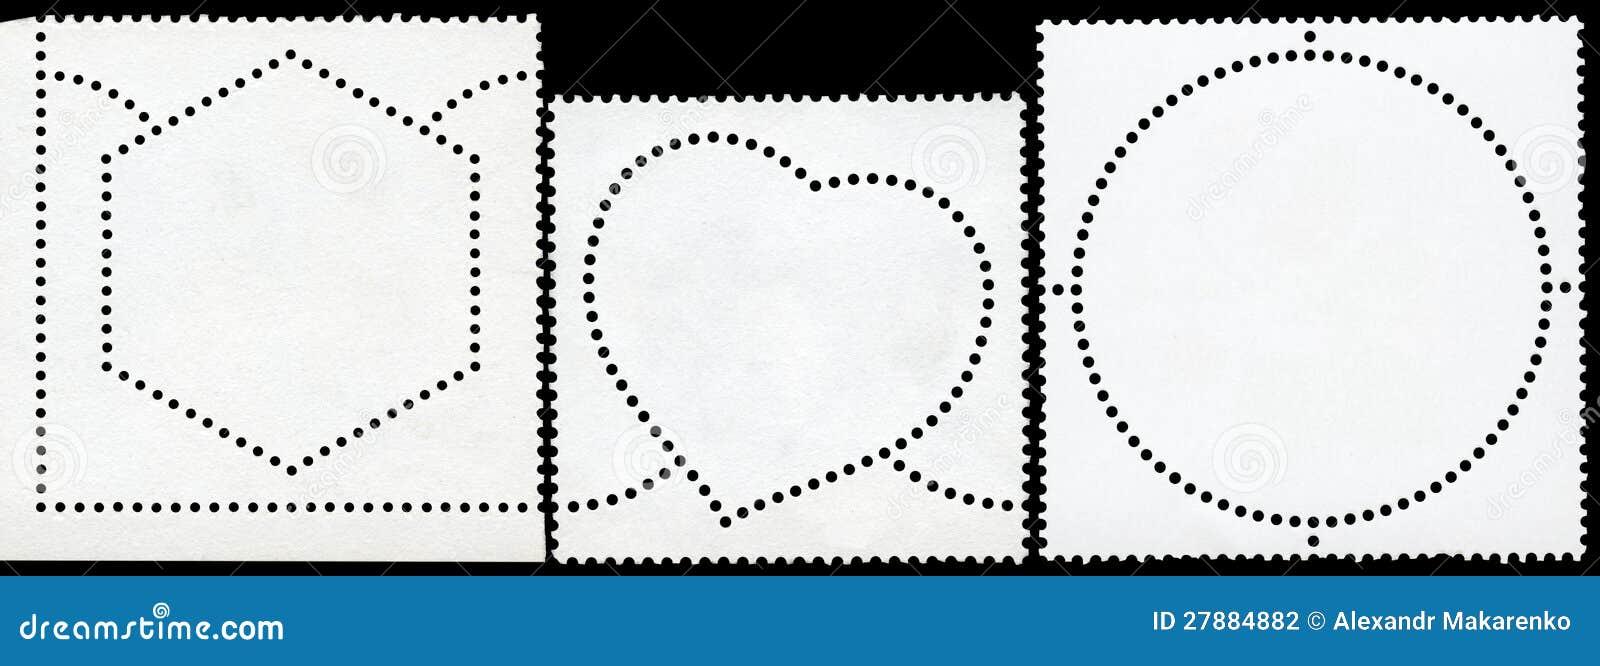 Selo de porte postal em branco quadro pela beira preta.